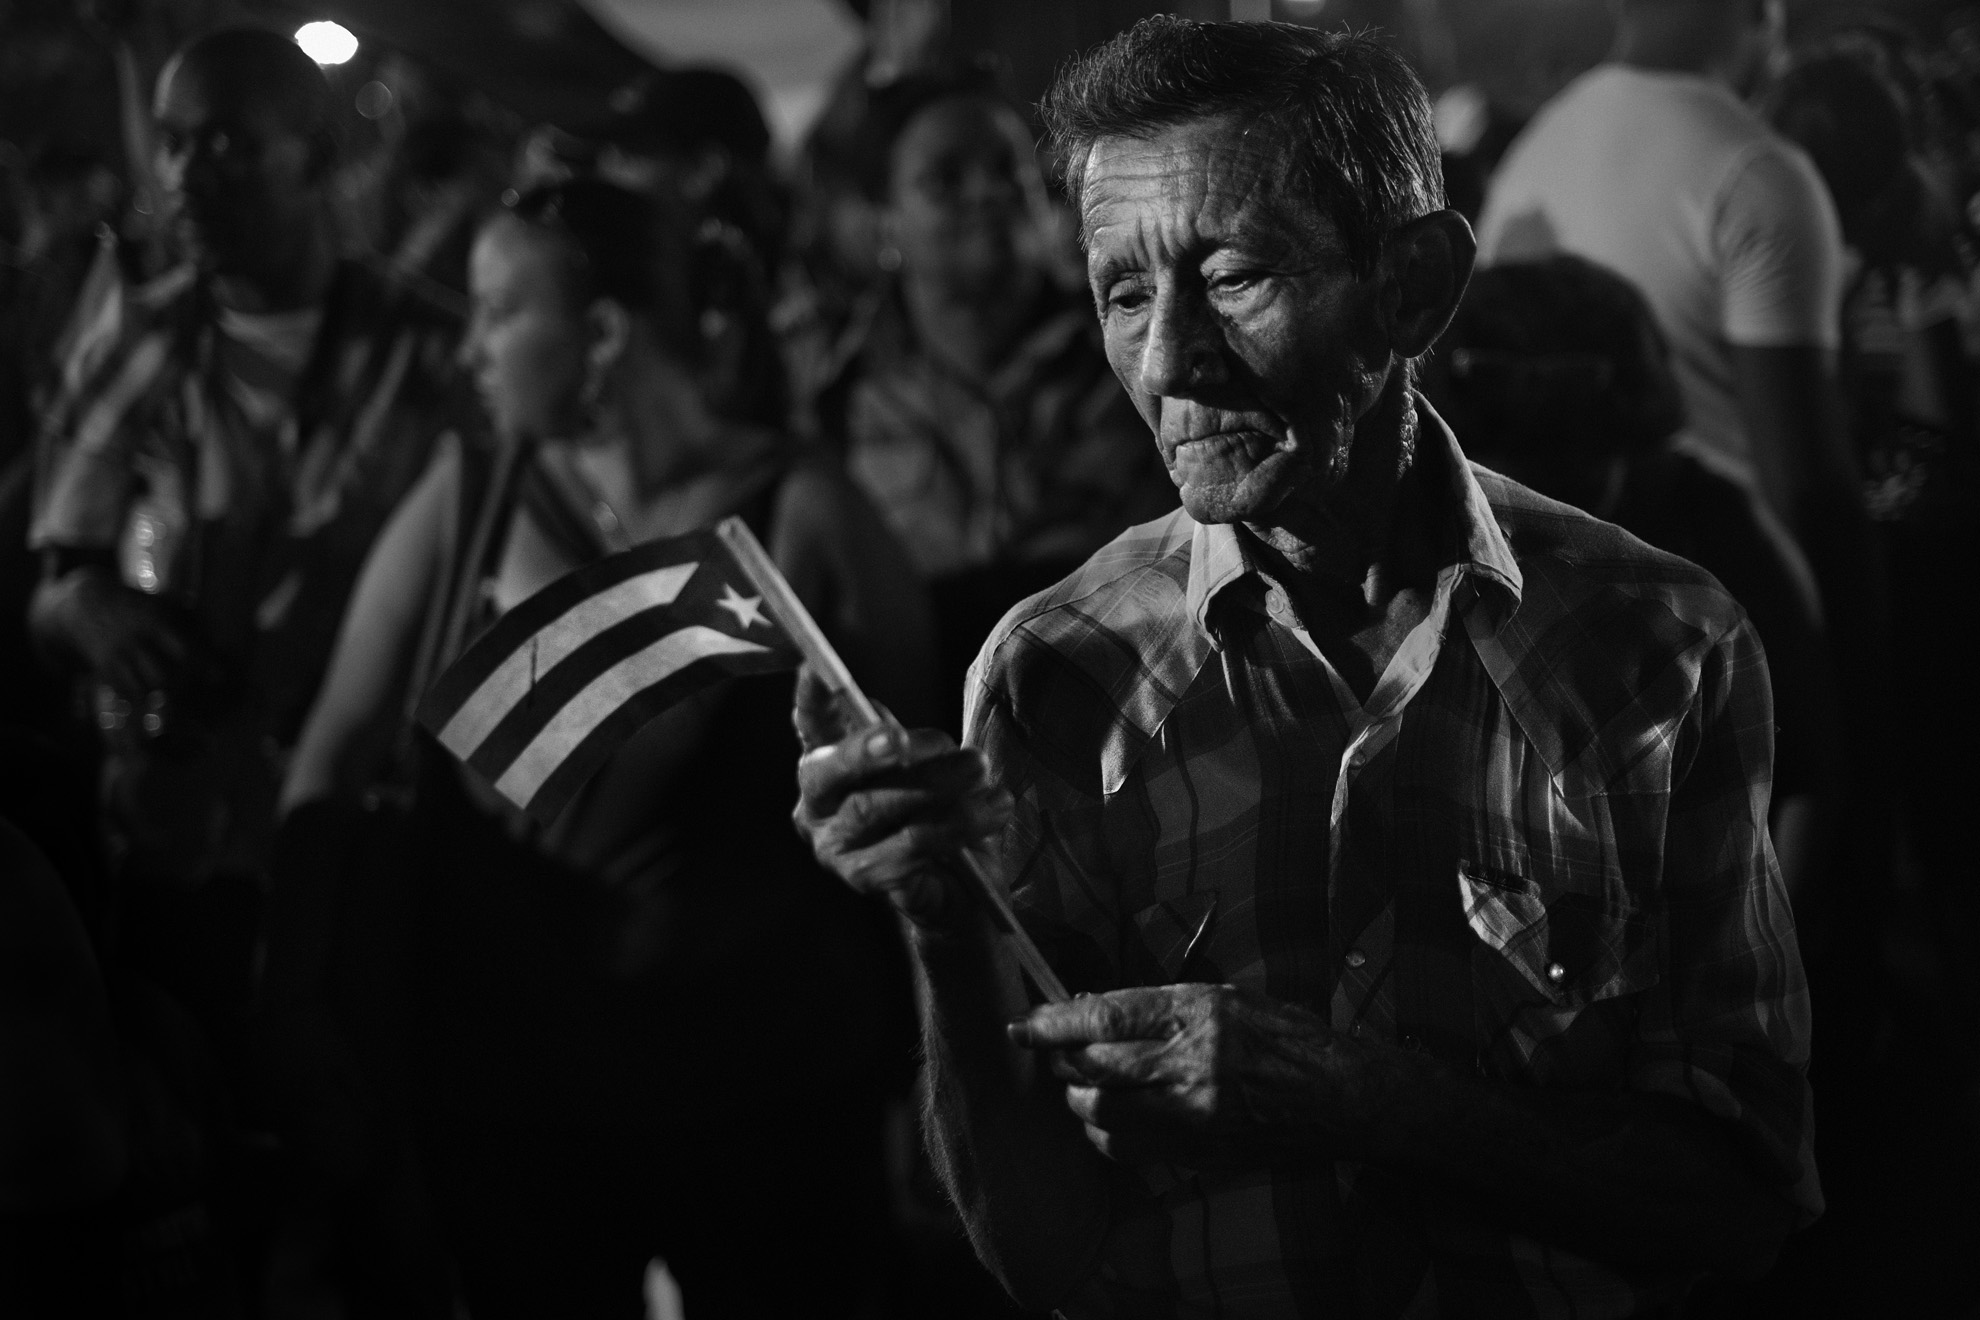 Des cubains assistent a la ceremonie officielle place de la revolution a Santiago de Cuba donnee a l occasion de la disparition de Fidel Castro survenue le 25 novembre 2016 3 decembre 2016